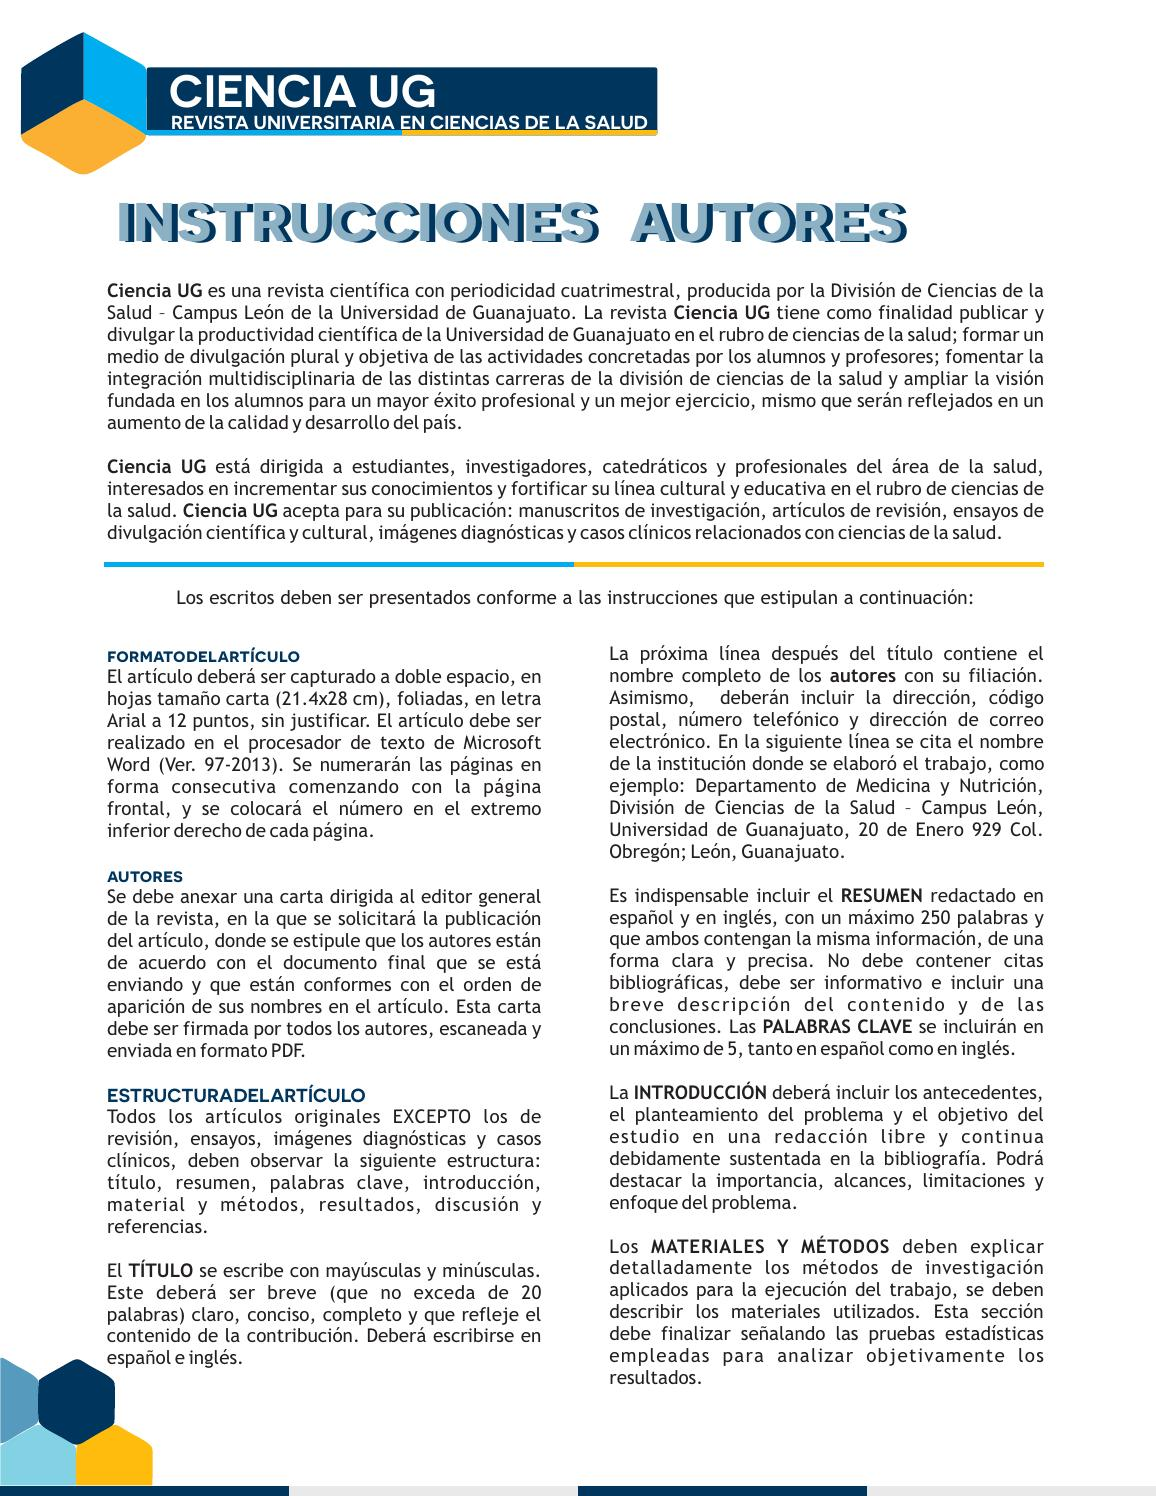 Instrucciones autores by CIENCIA UG REVISTA UNIVERSITRIA EN CIENCIAS ...